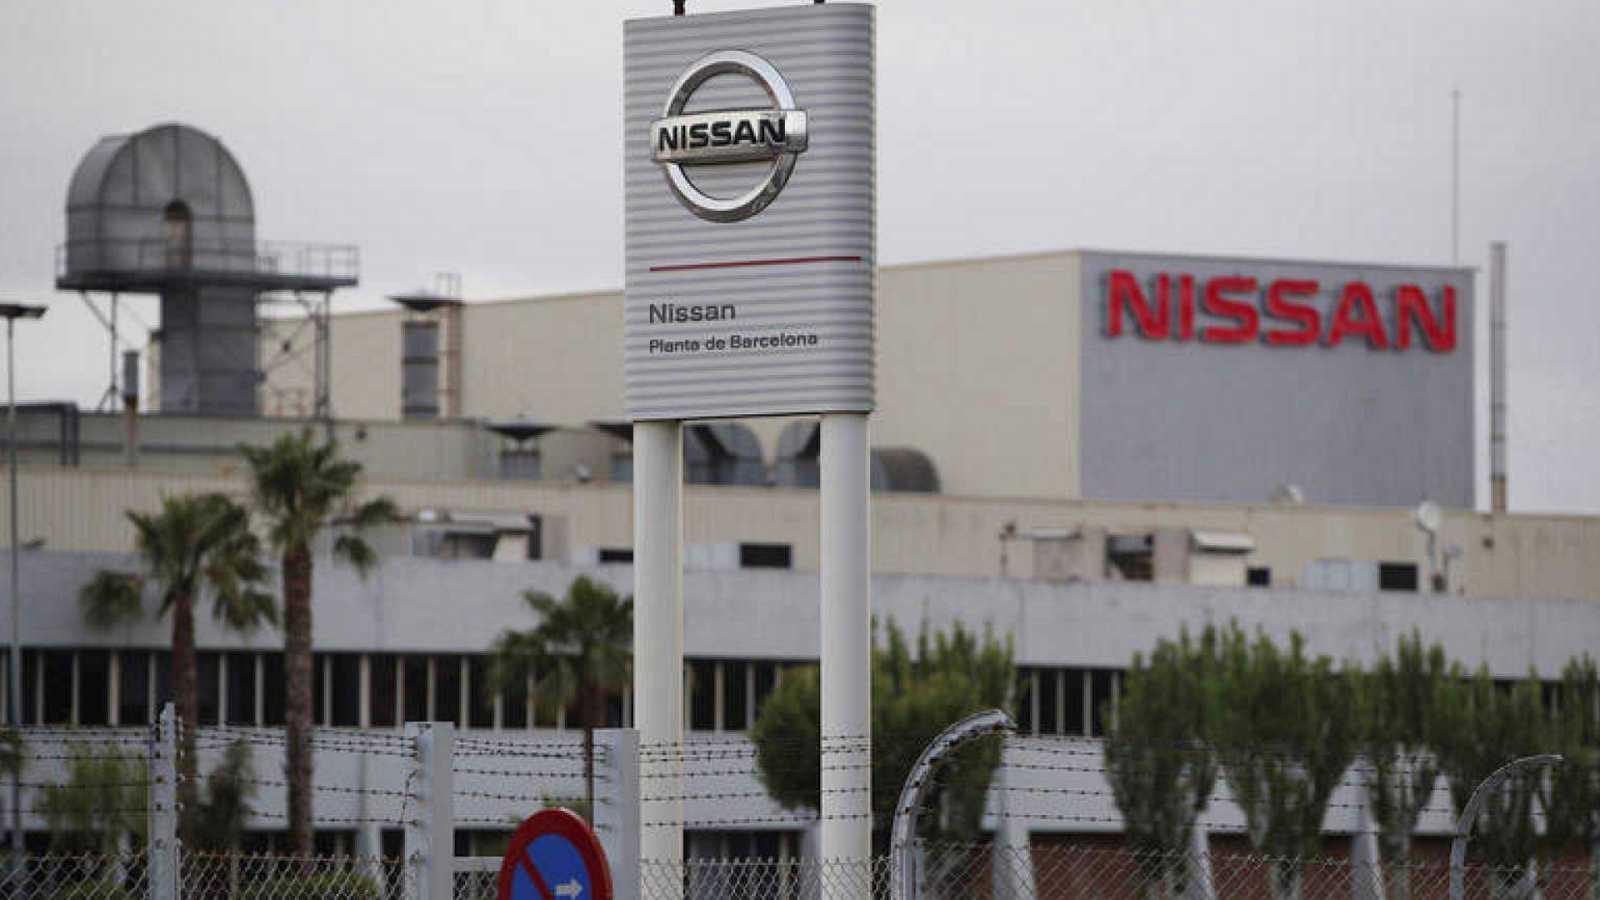 24 horas - Acuerdo en Nissan: cierre de las plantas de Barcelona en 2021 y ERE para 2.500 trabajadores - Escuchar ahora